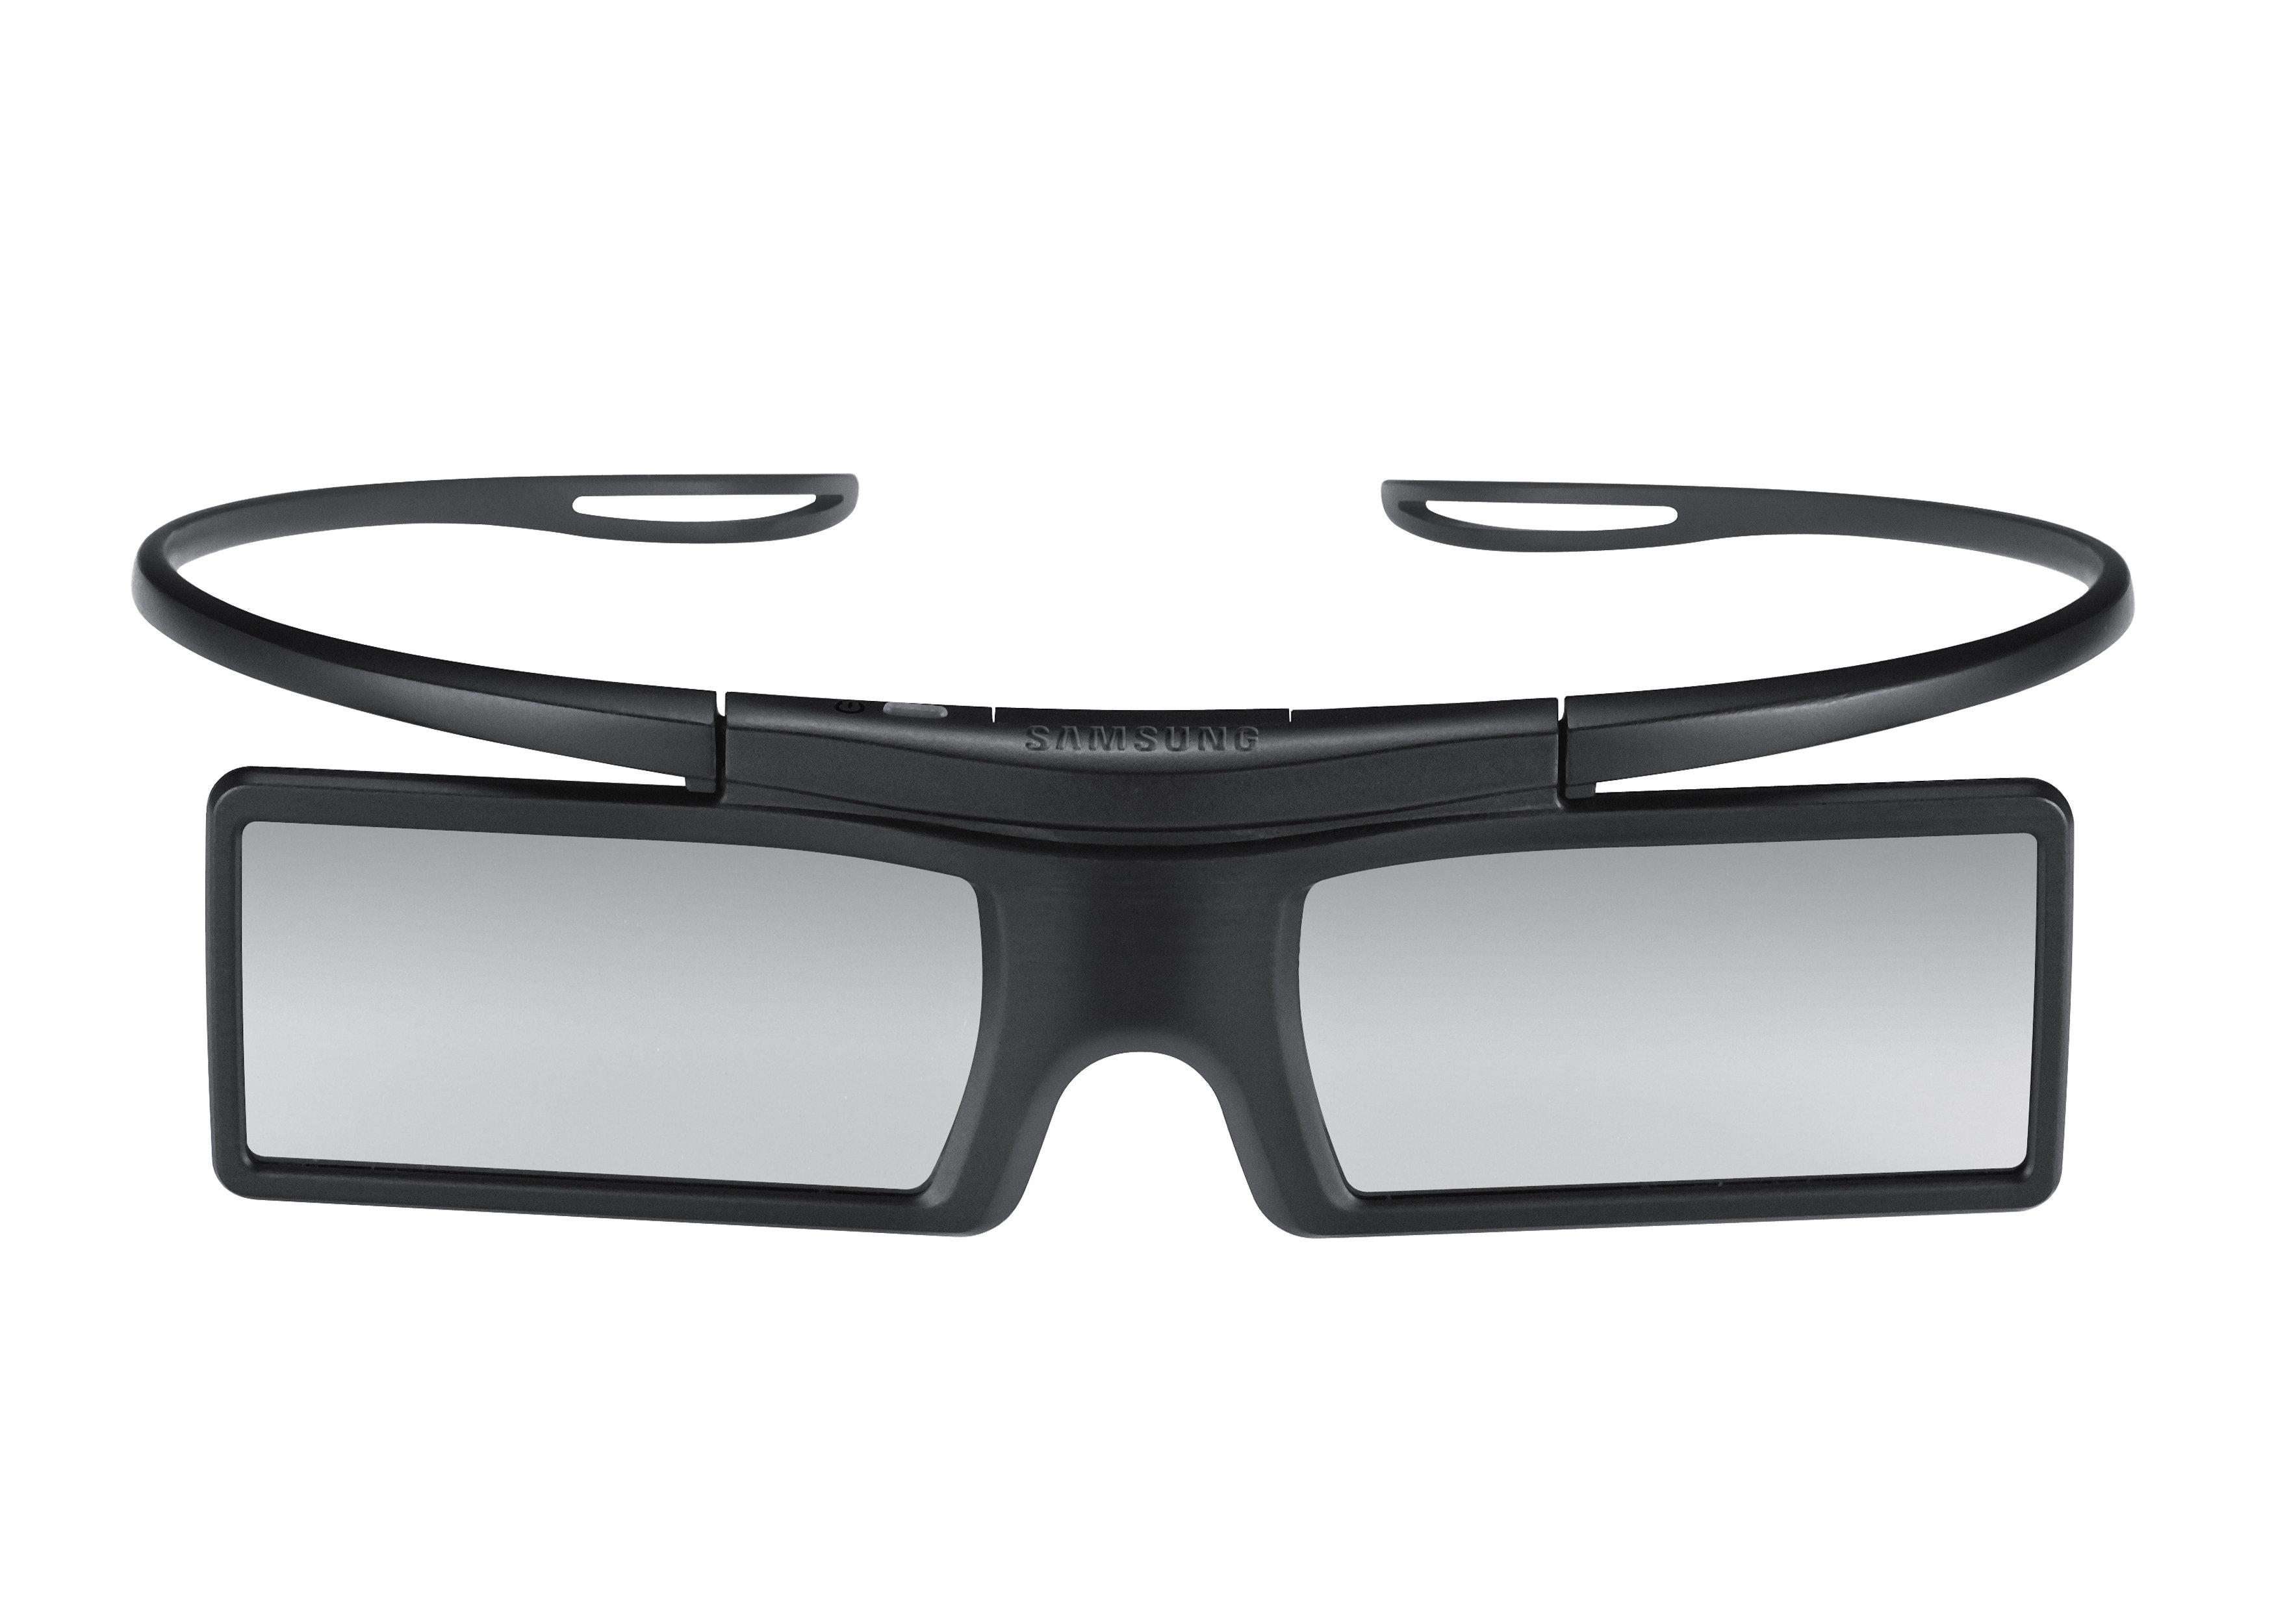 Amazon.com: Samsung UN40EH6030 40-Inch 1080p 120Hz LED 3D ...